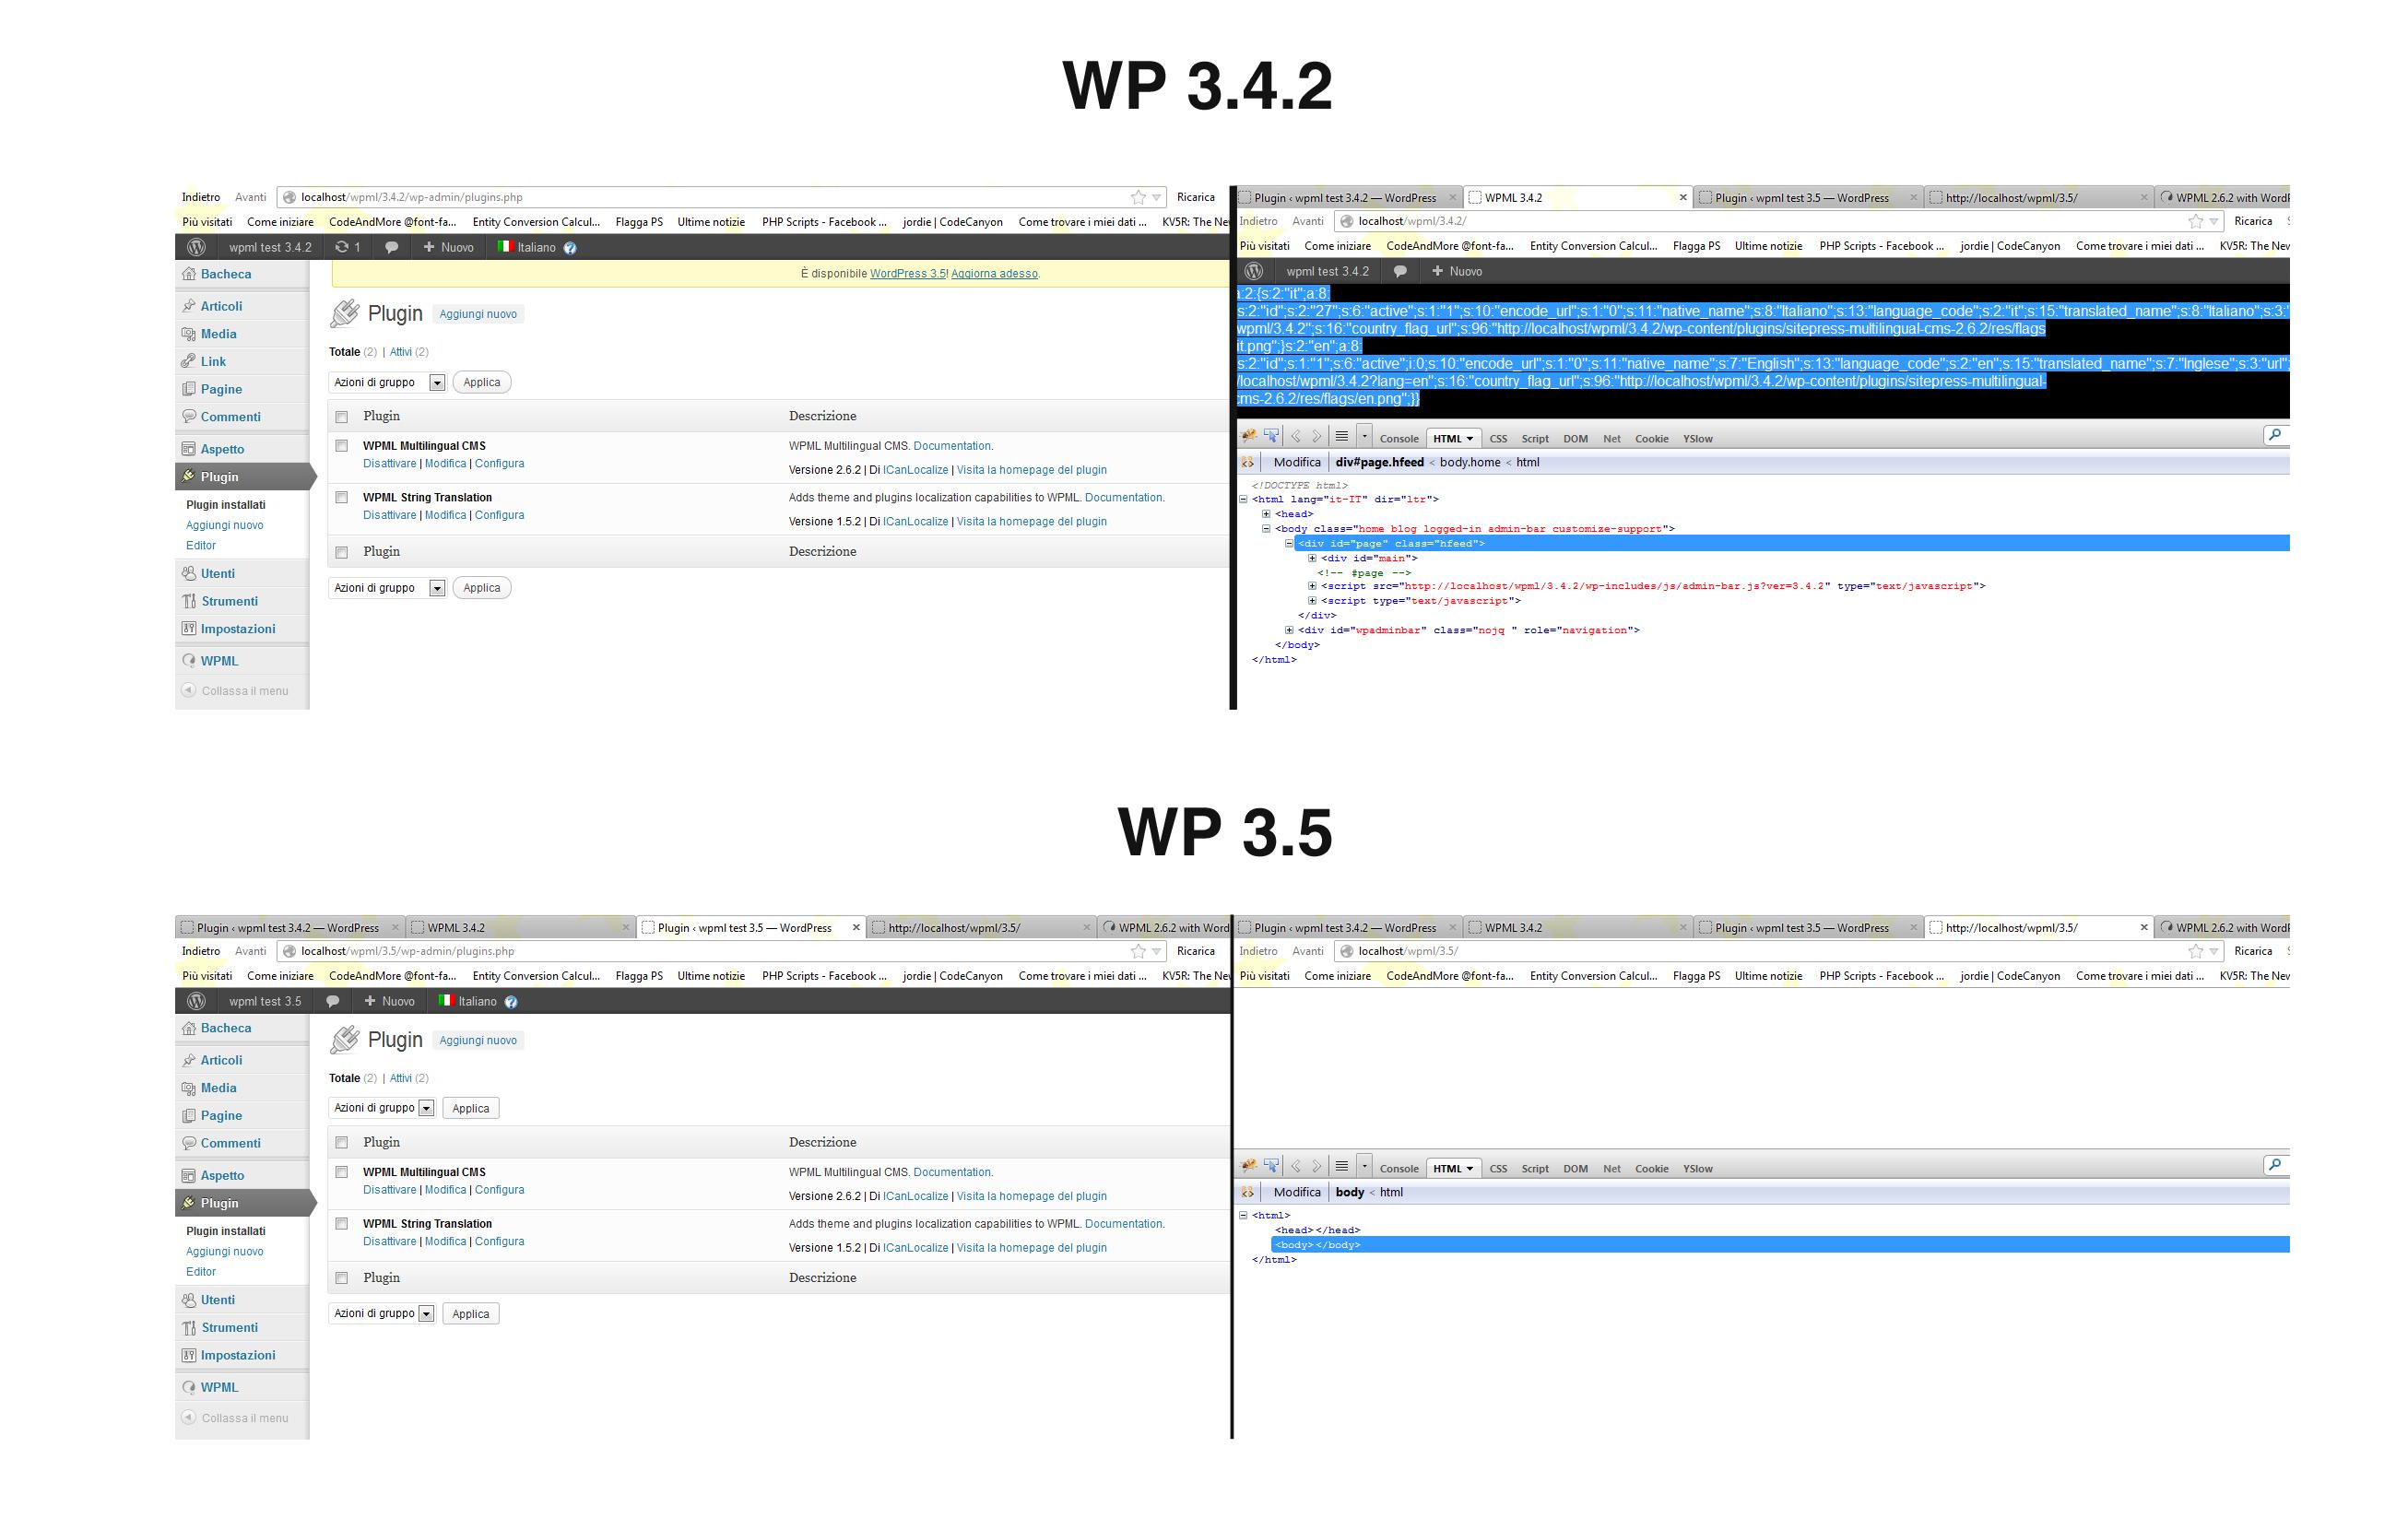 wpml_3.4.2_to_3.5.jpg